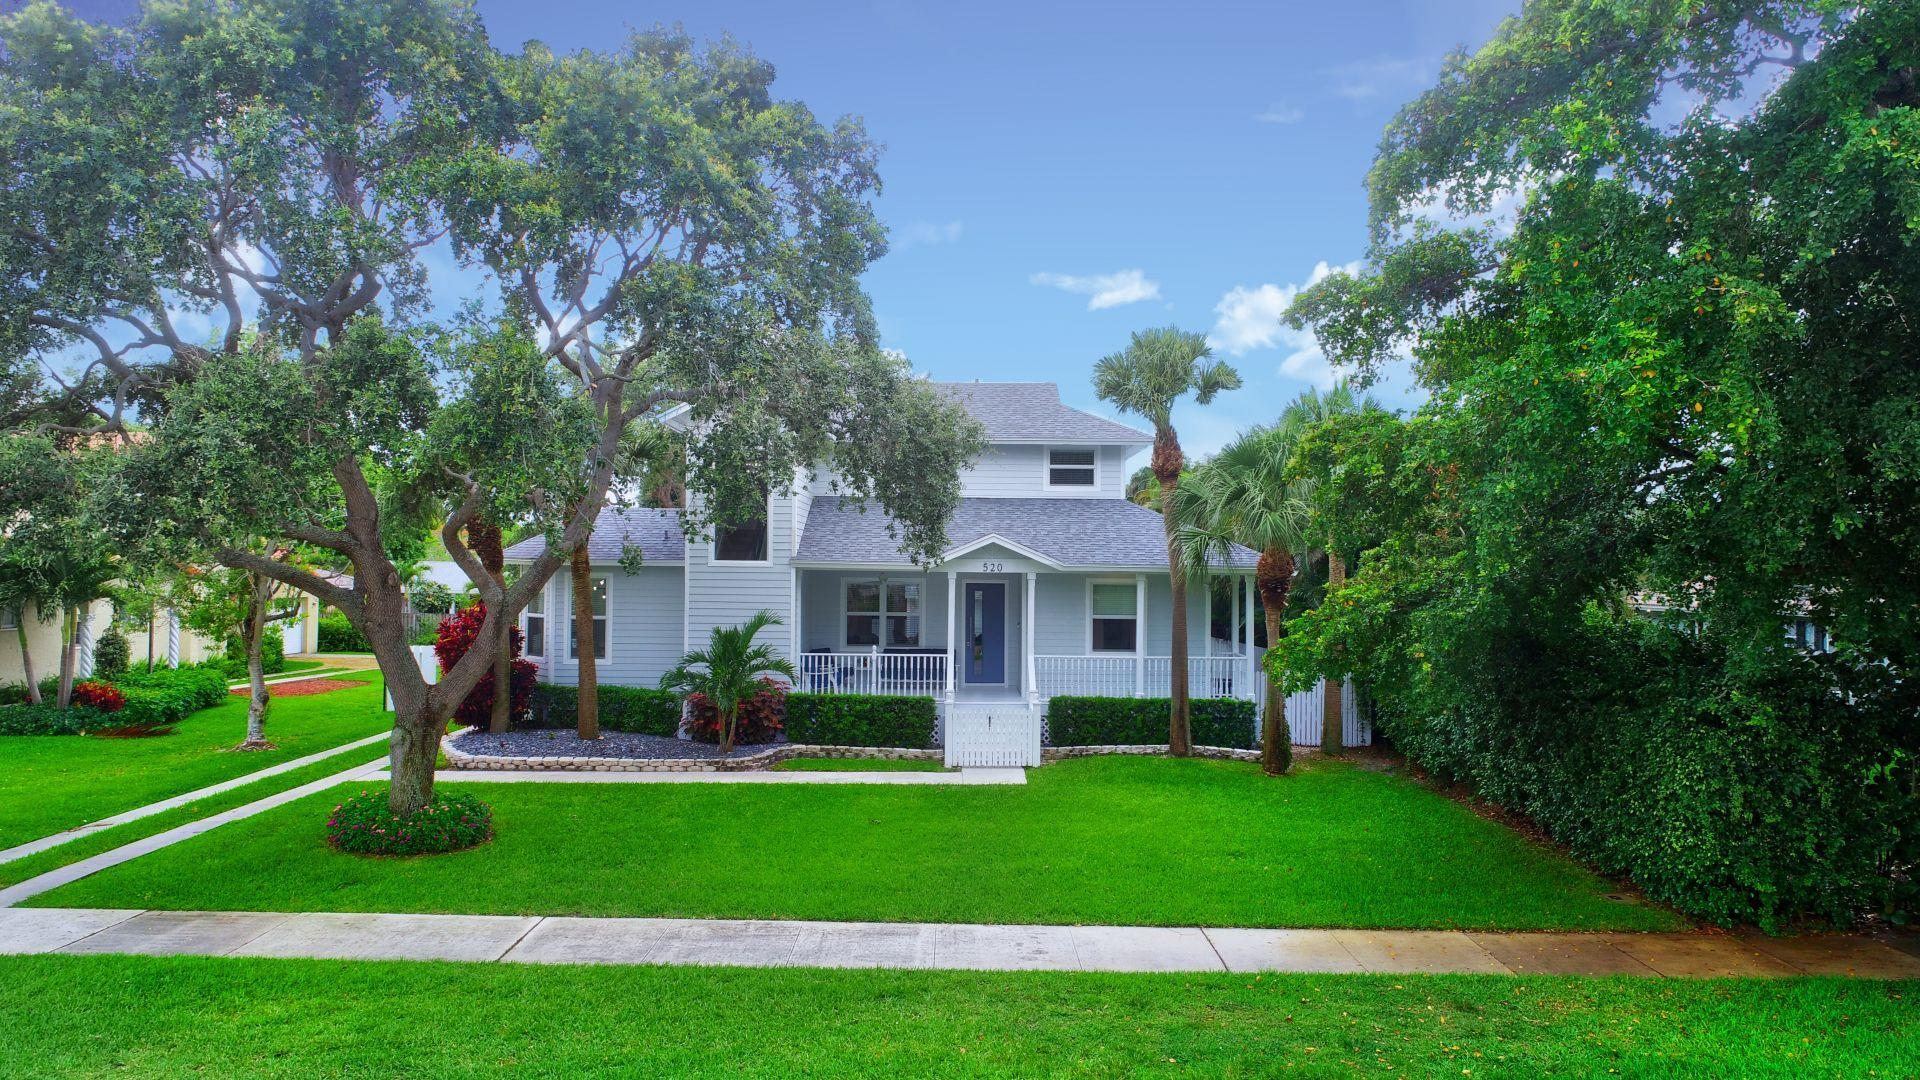 520 Swinton Avenue, Delray Beach, Florida 33444, 4 Bedrooms Bedrooms, ,3 BathroomsBathrooms,Single Family Detached,For Sale,Swinton,RX-10530919